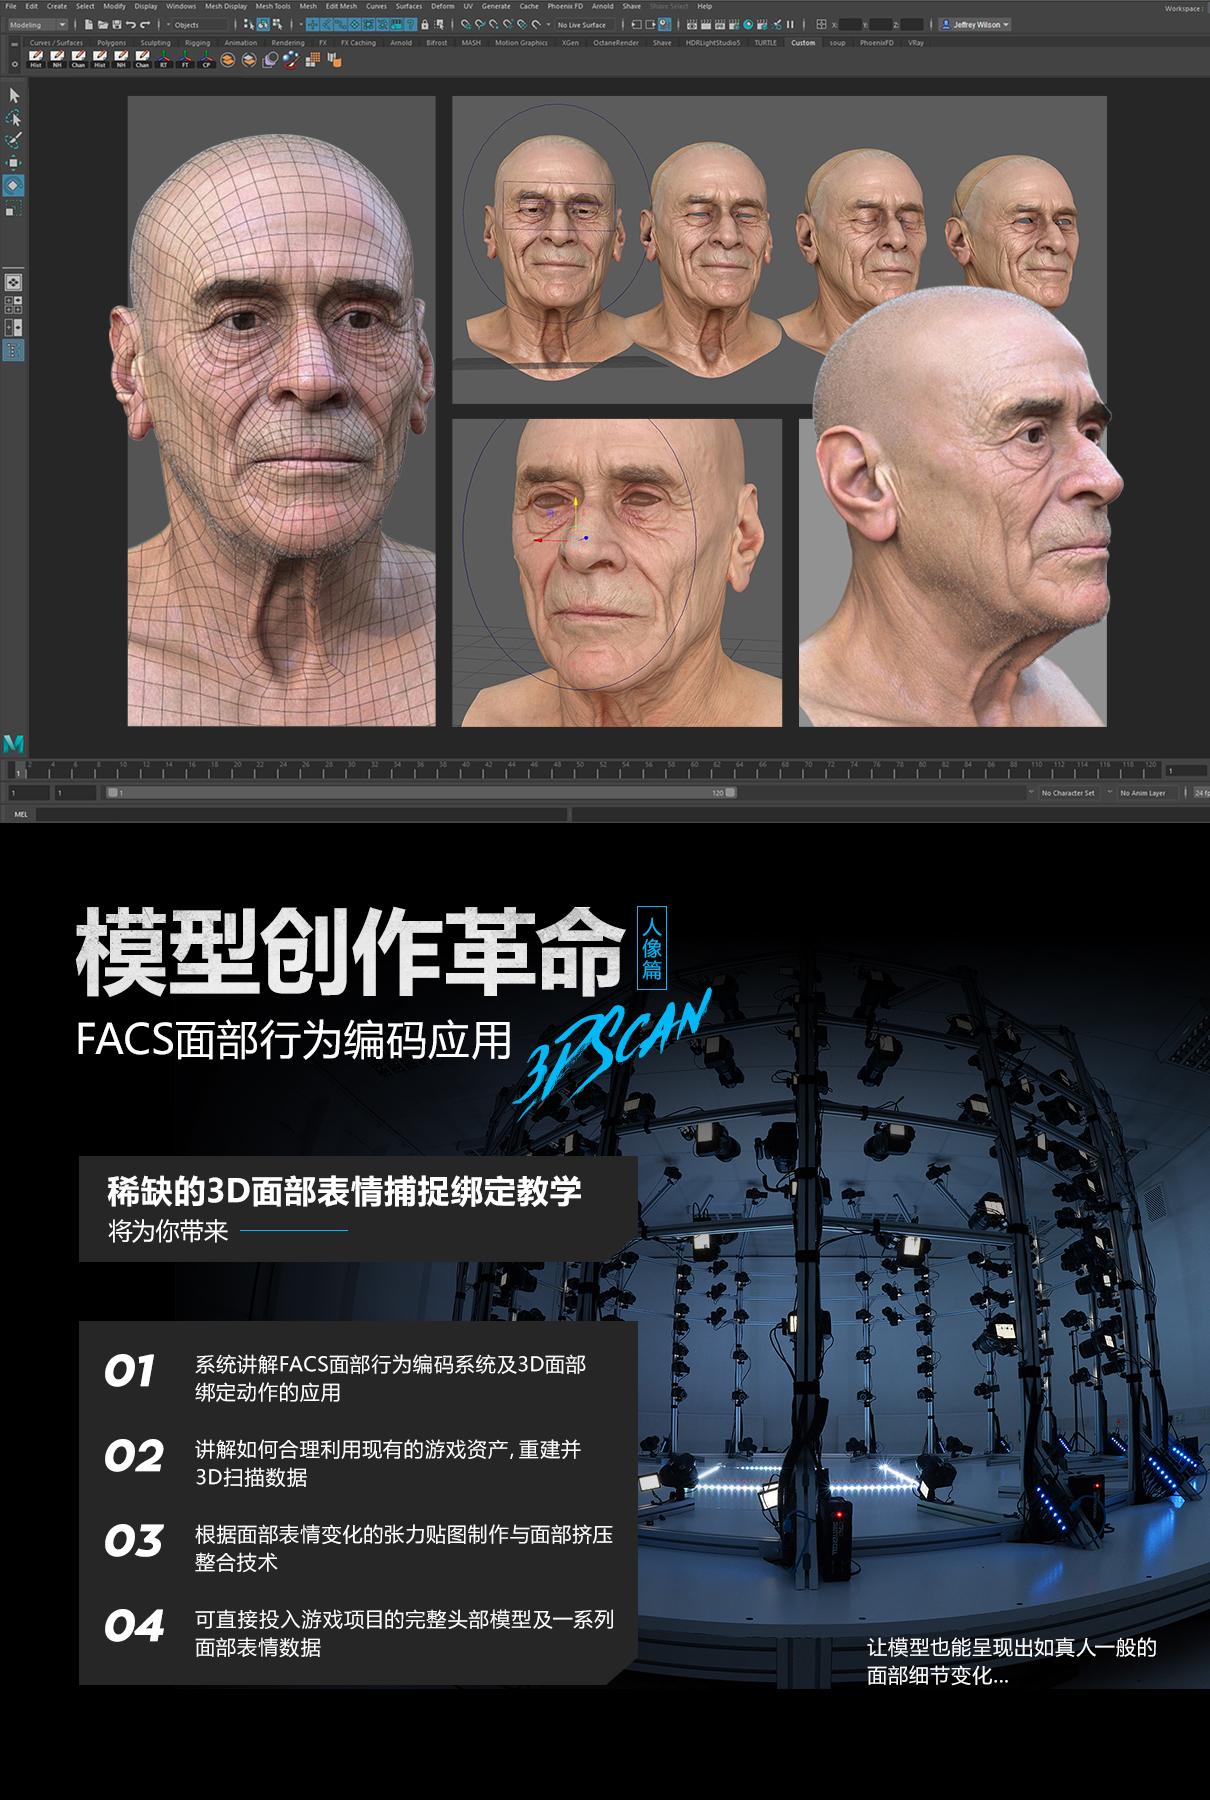 3D扫描-人像篇.jpg